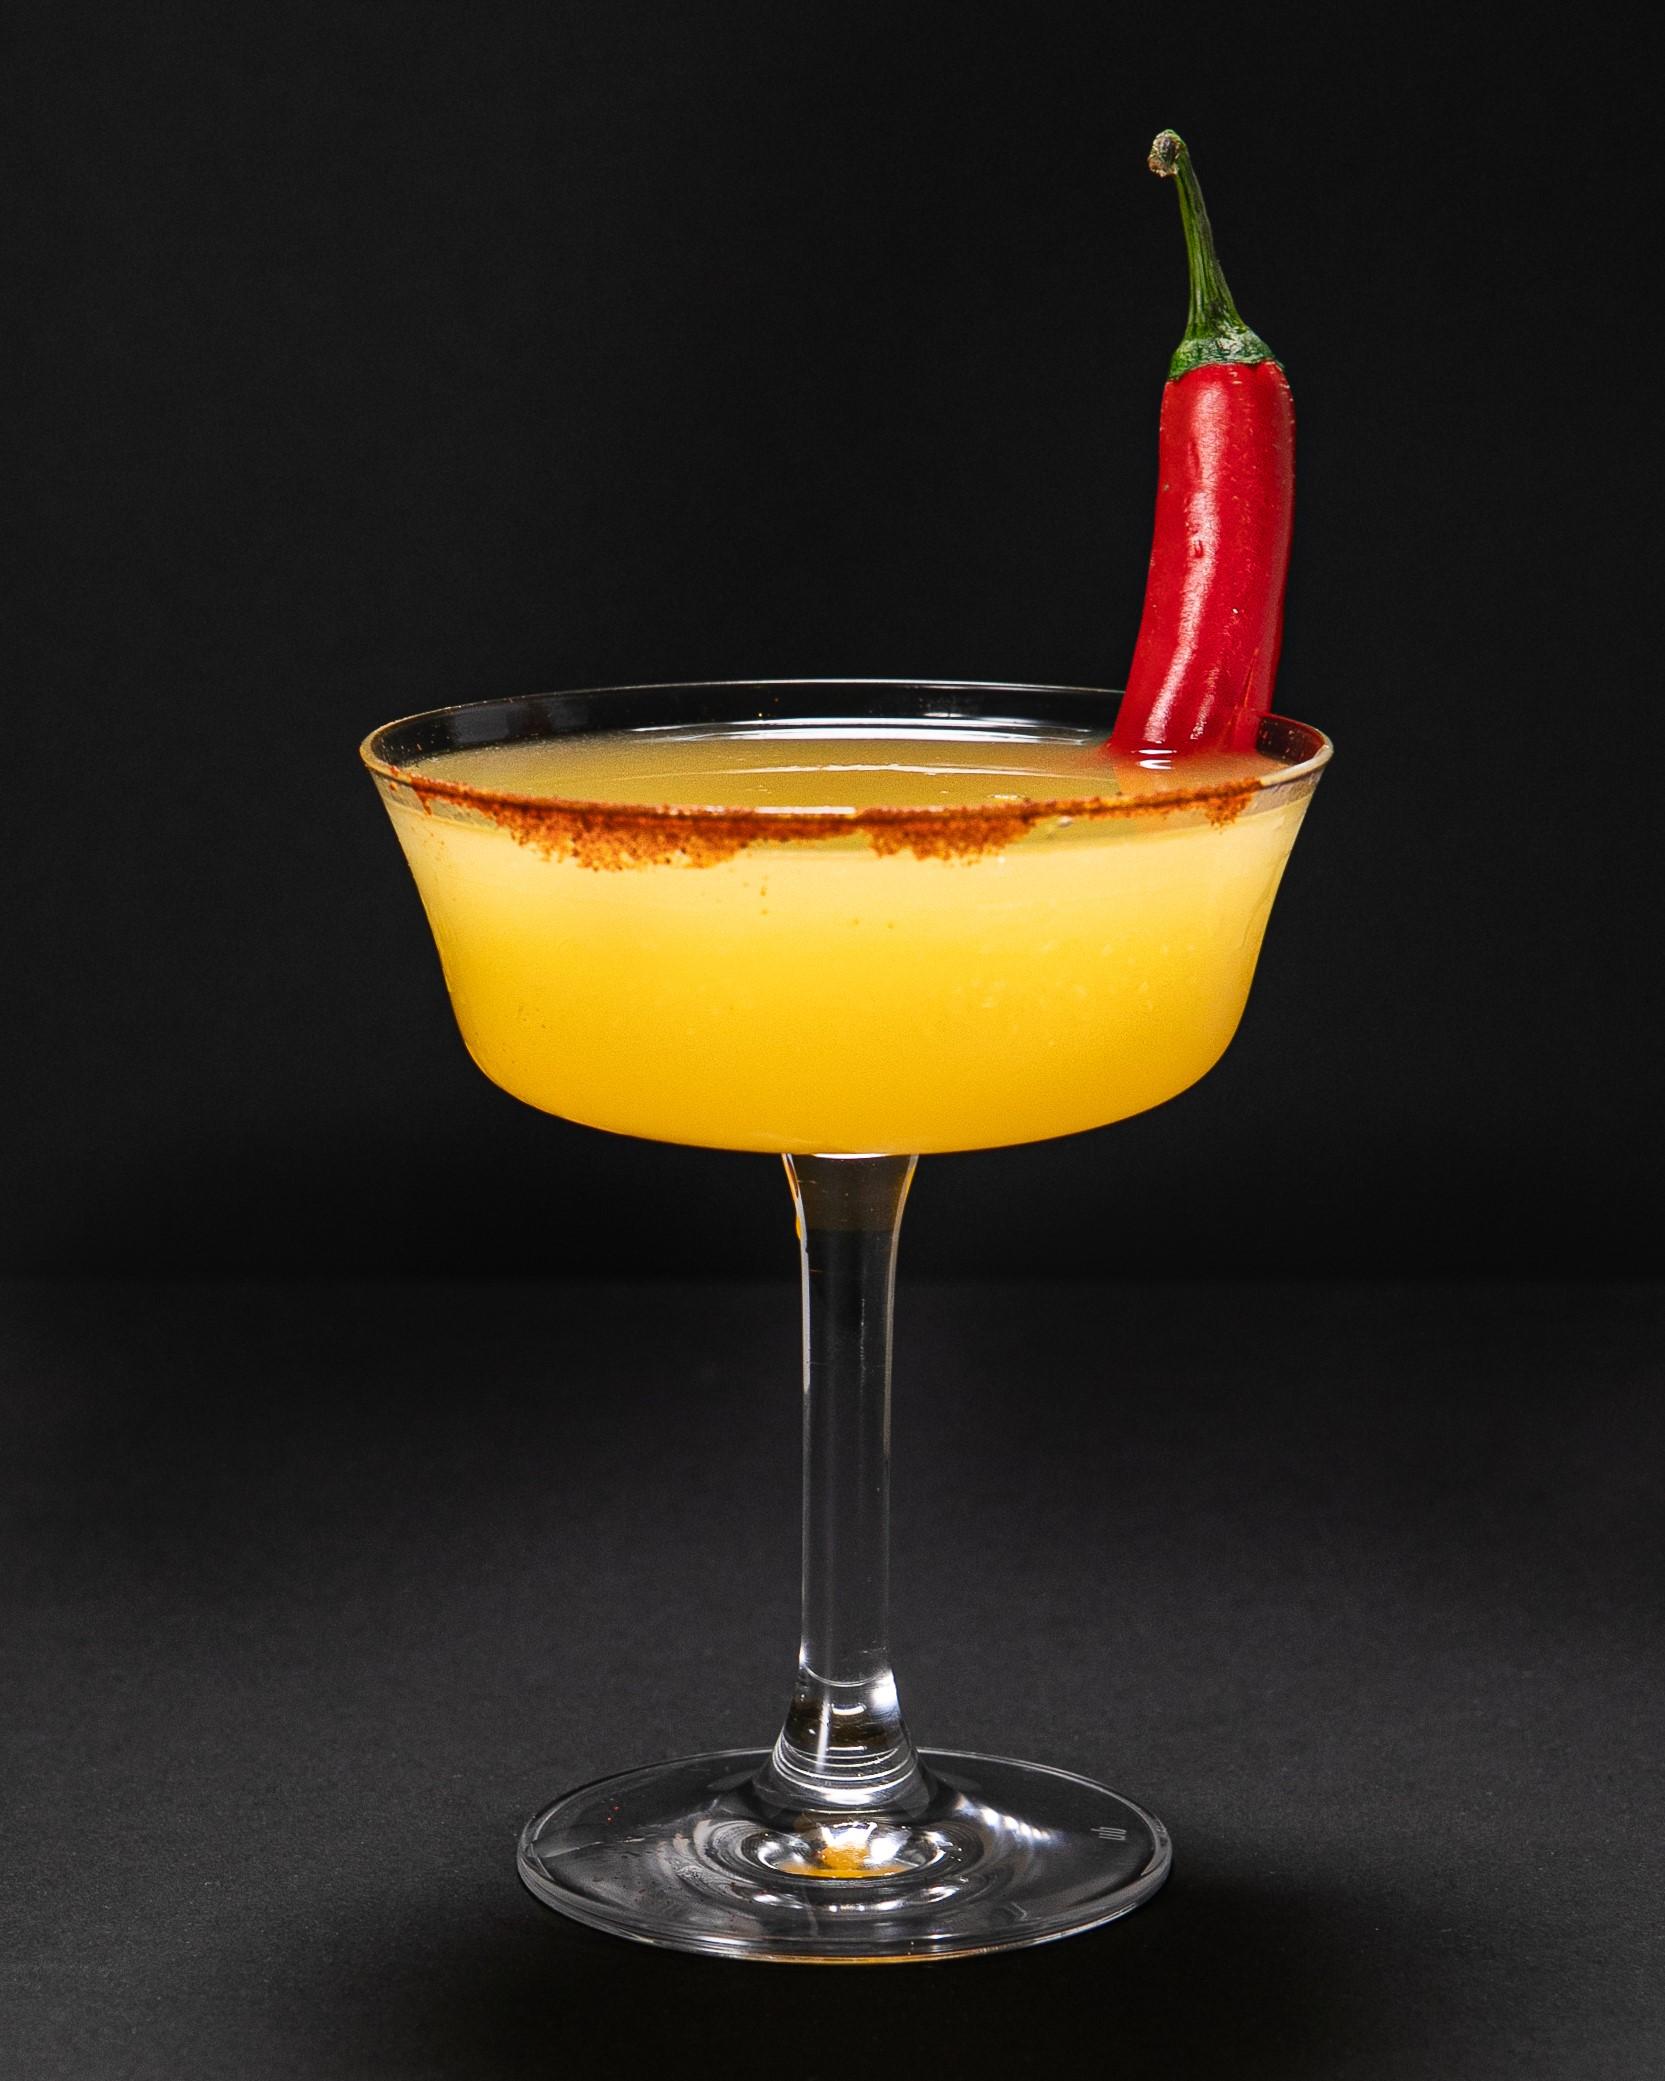 Mango-Chili-Margarita